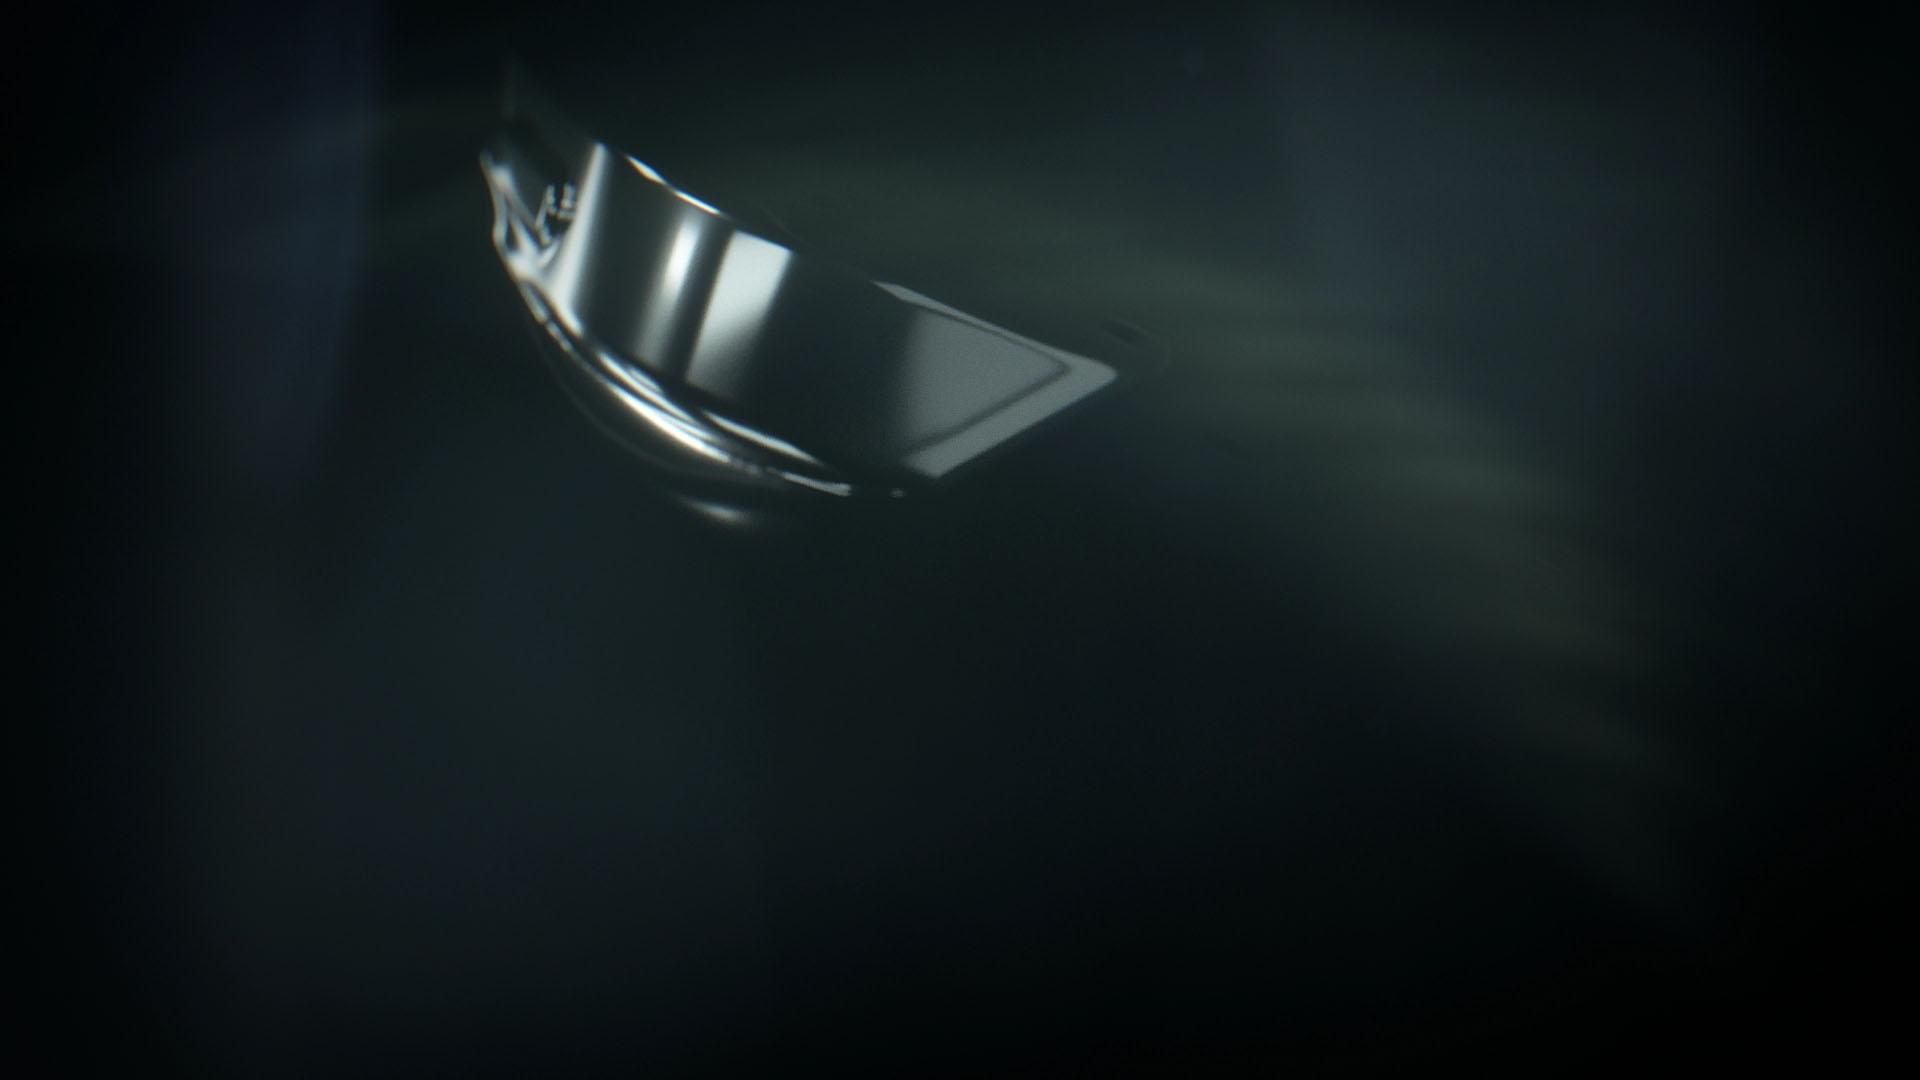 liquid_metal_010.jpg